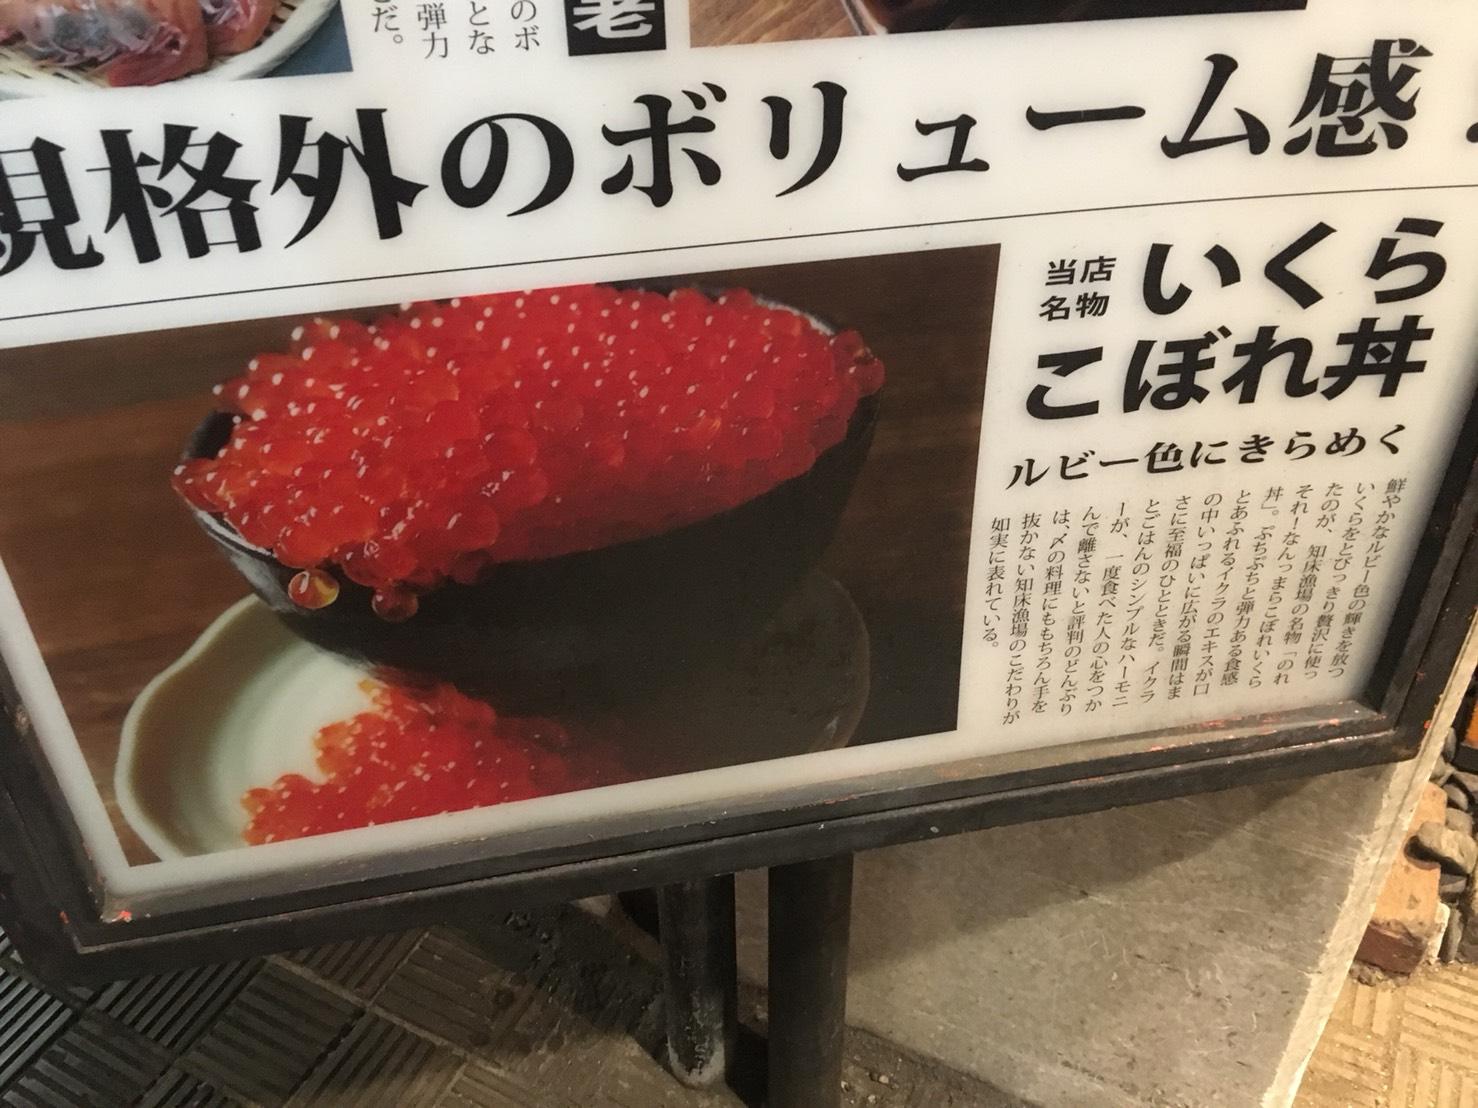 【池袋駅】いくらこぼれ丼を求めて「北海道知床漁場」のいくらこぼれ丼の看板